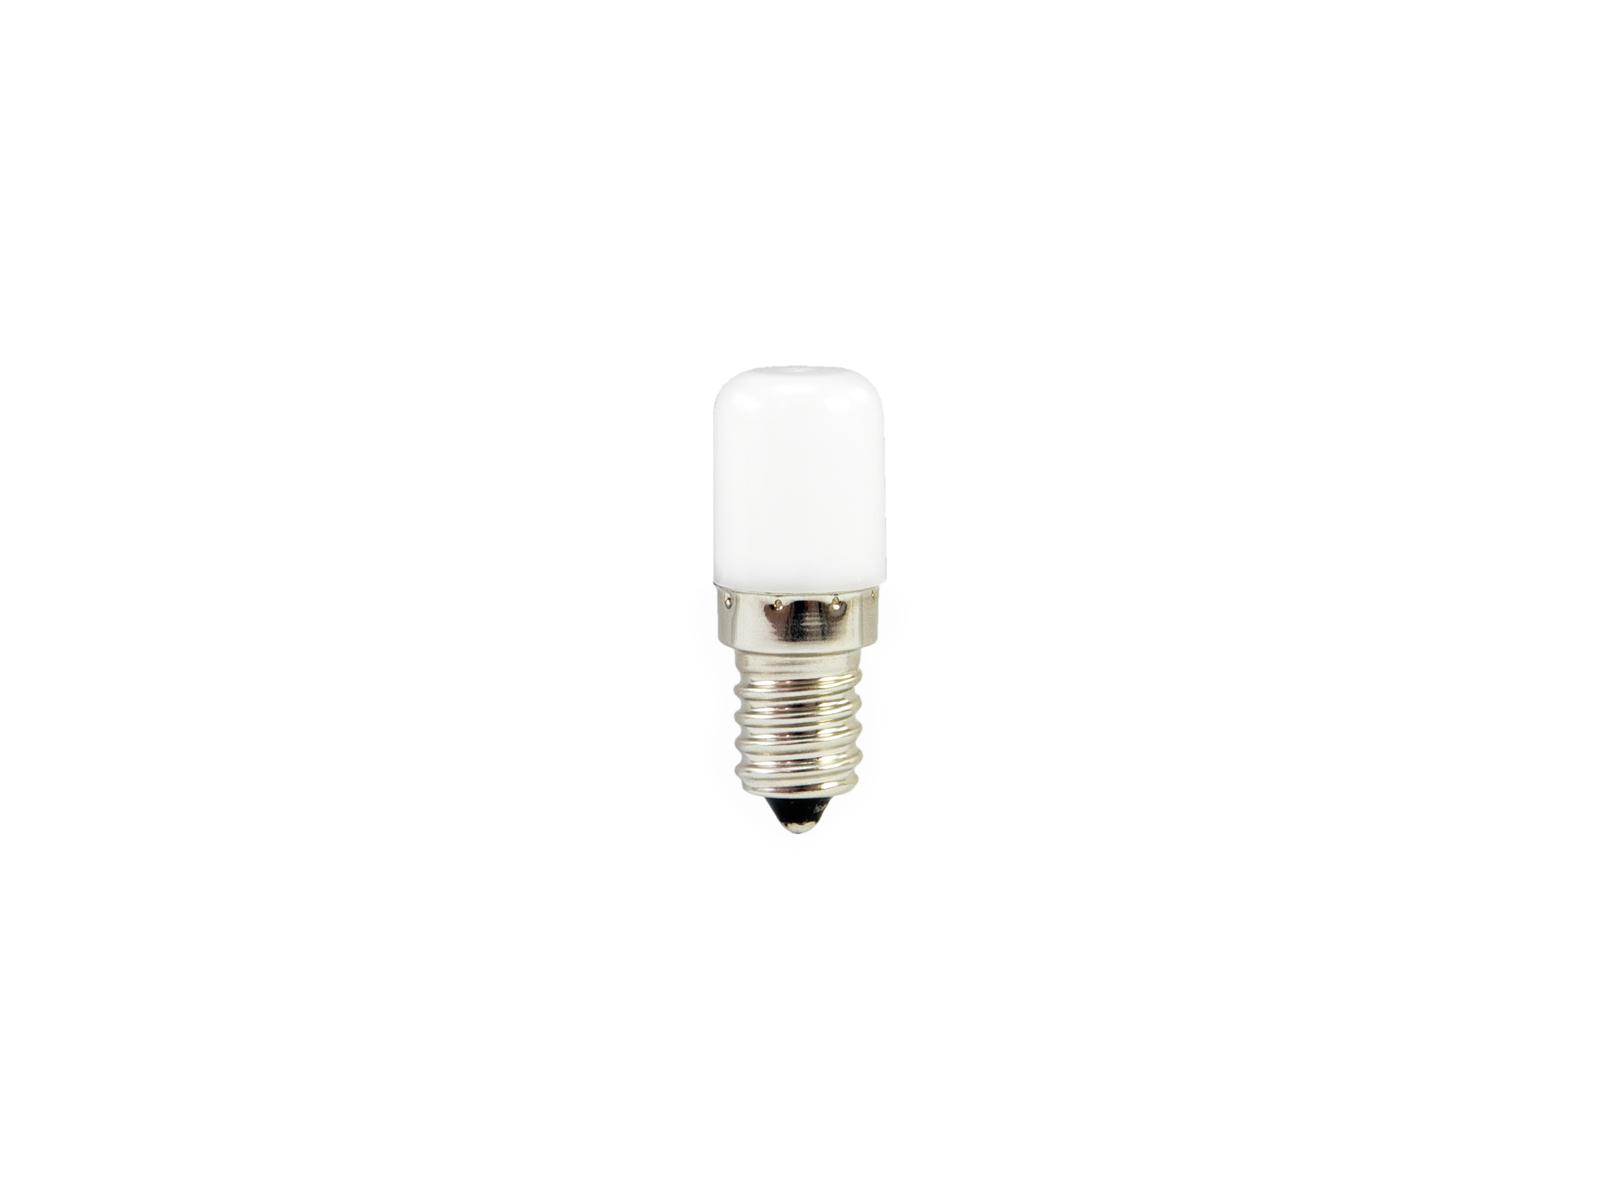 omnilux-led-mini-lampe-230v-e-14-2700k